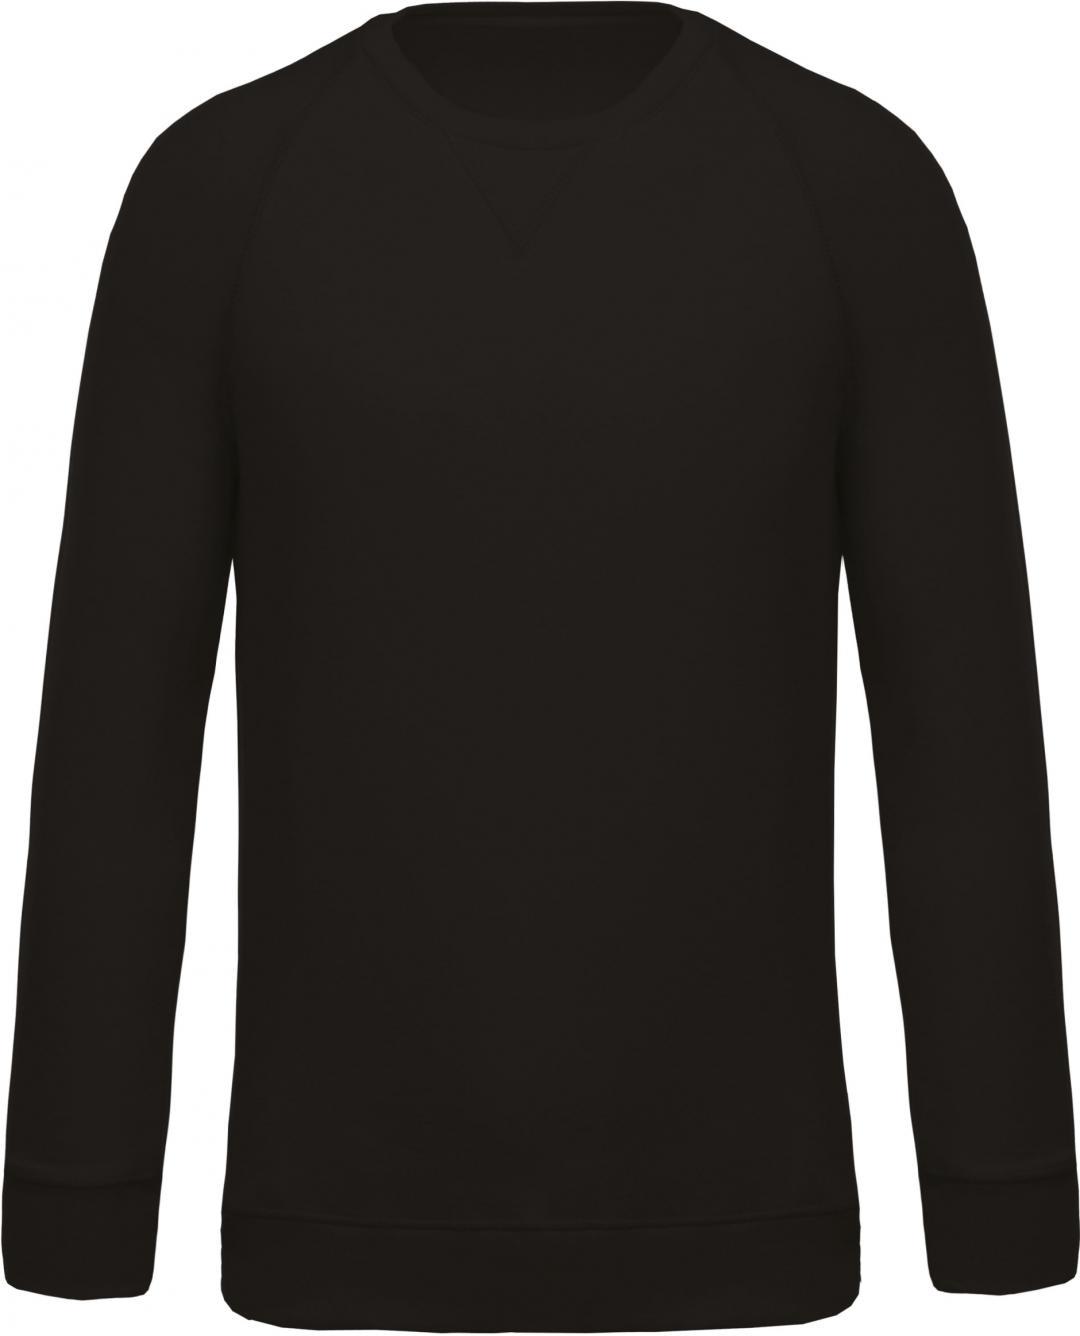 Sweat - Shirt Man - Raglan Sleeves - Bio - Dauti